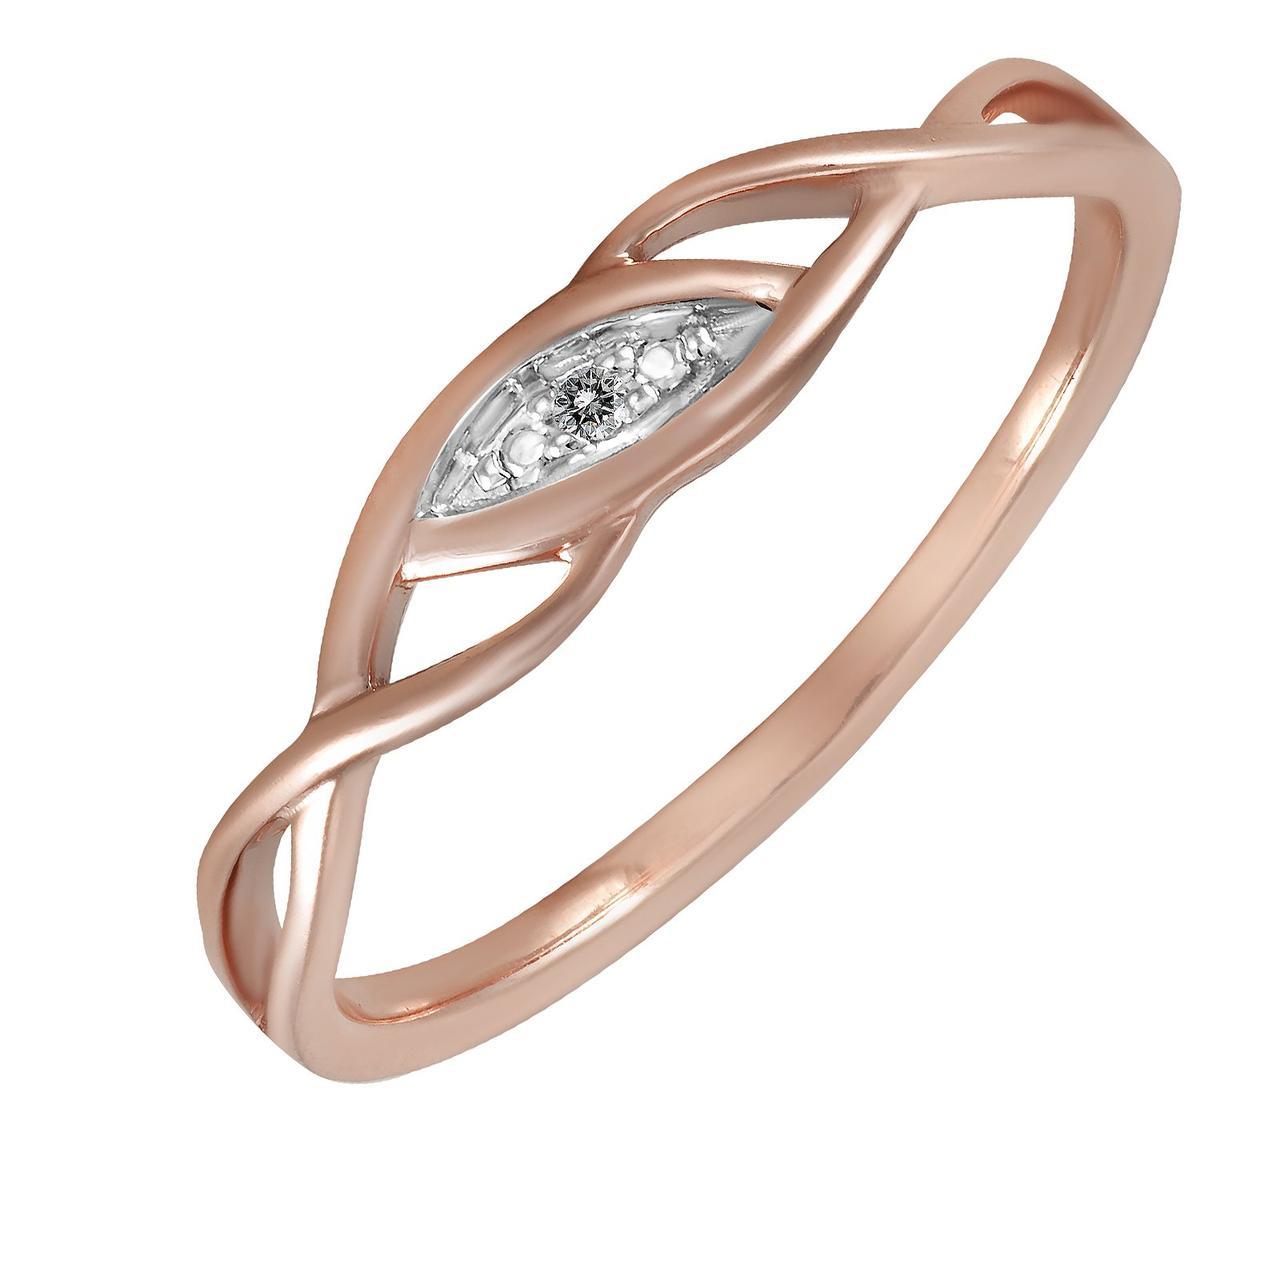 Золотое кольцо с бриллиантом, размер 16.5 (290082)